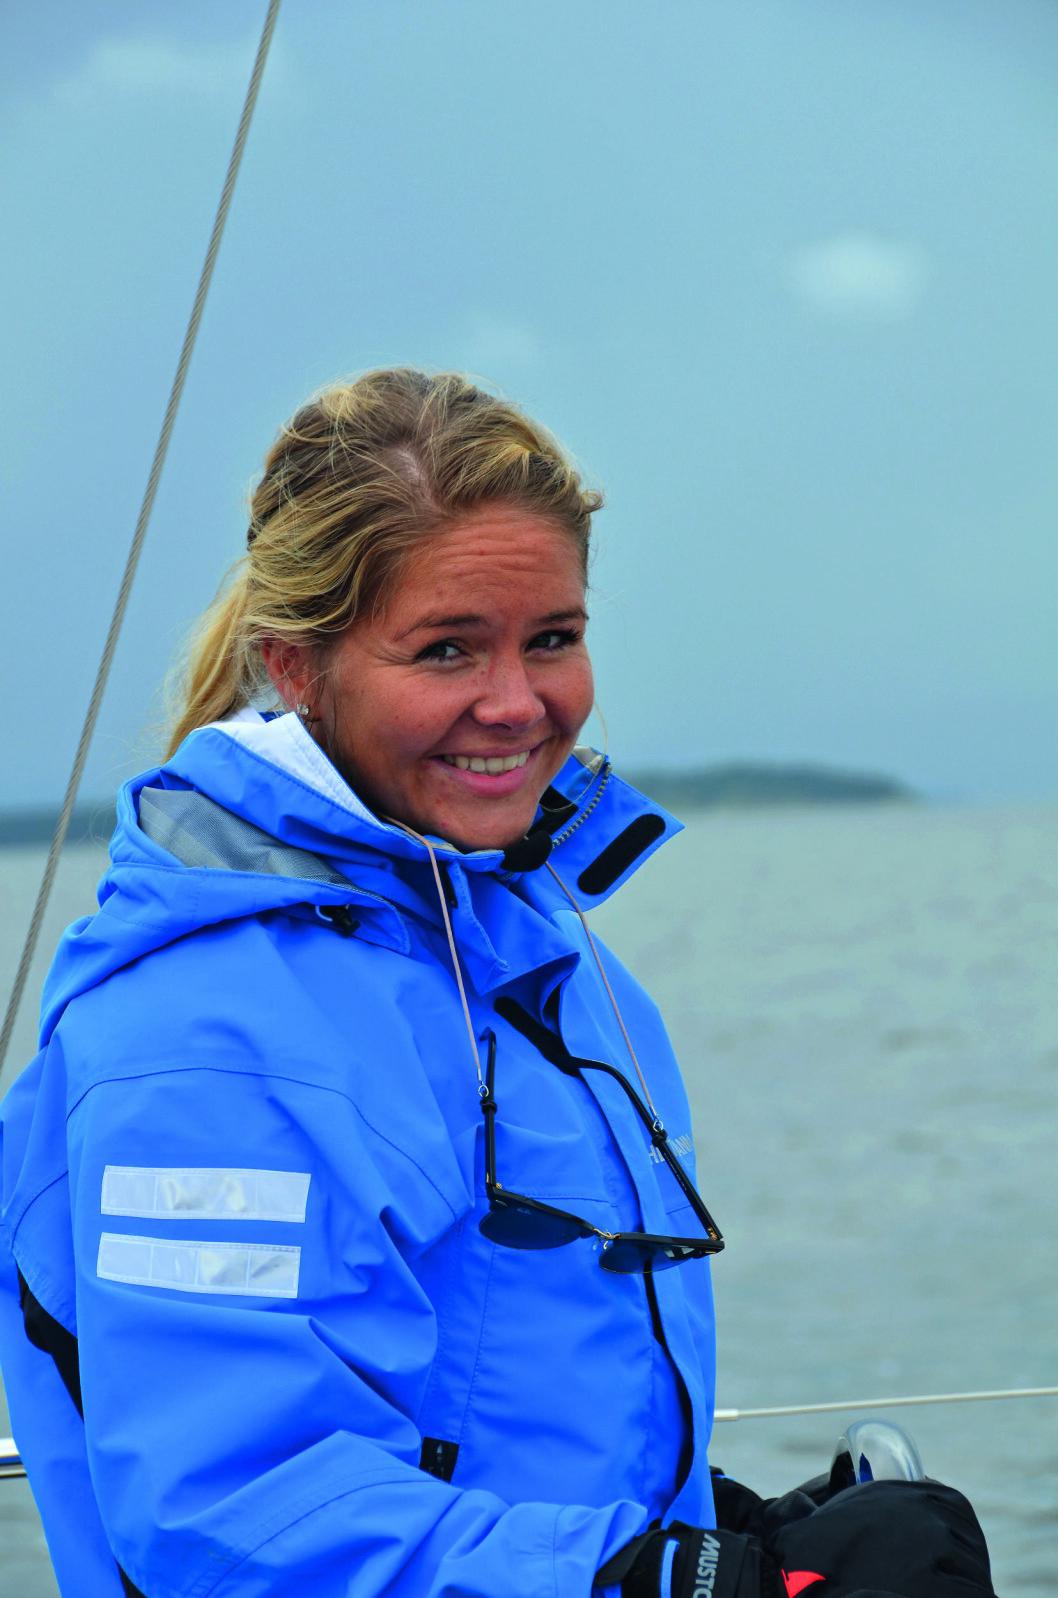 GODT VÆR: Været har avgjort betydning for lysten til å kjøpe seilbåt, mener Oda Heitmann.